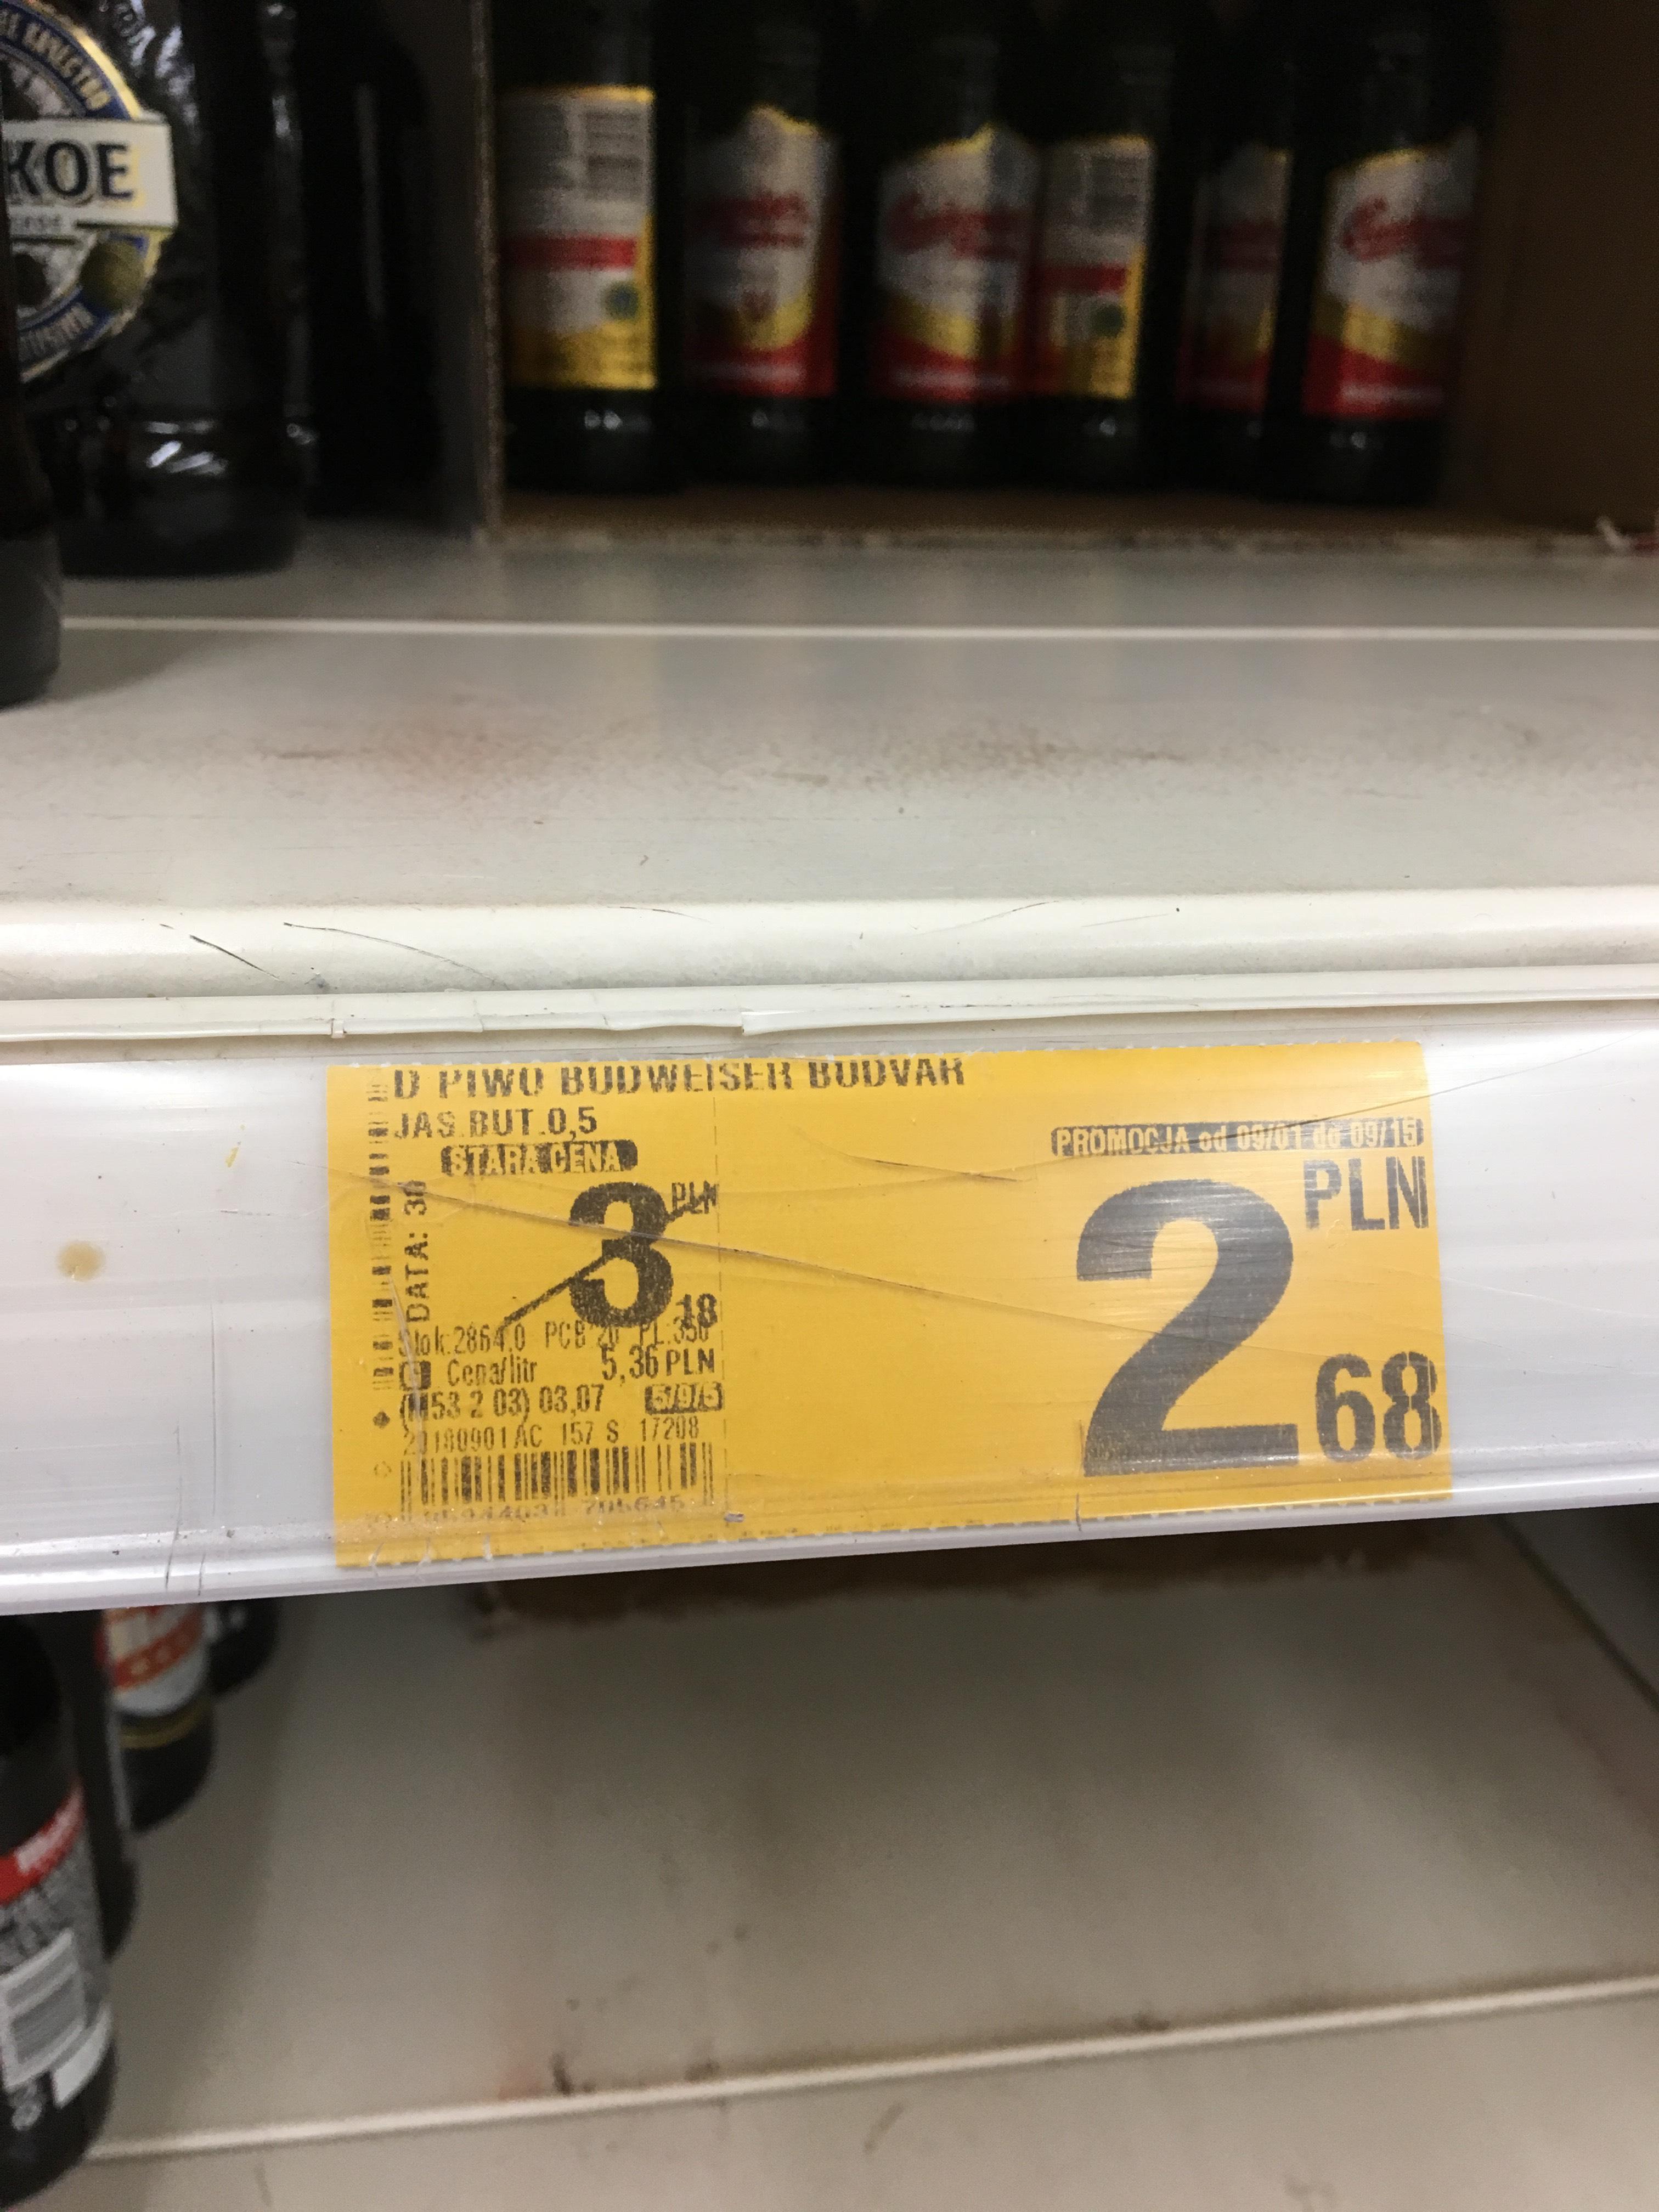 Piwo Budweiser jasne, Auchan Galeria Bronowice Kraków